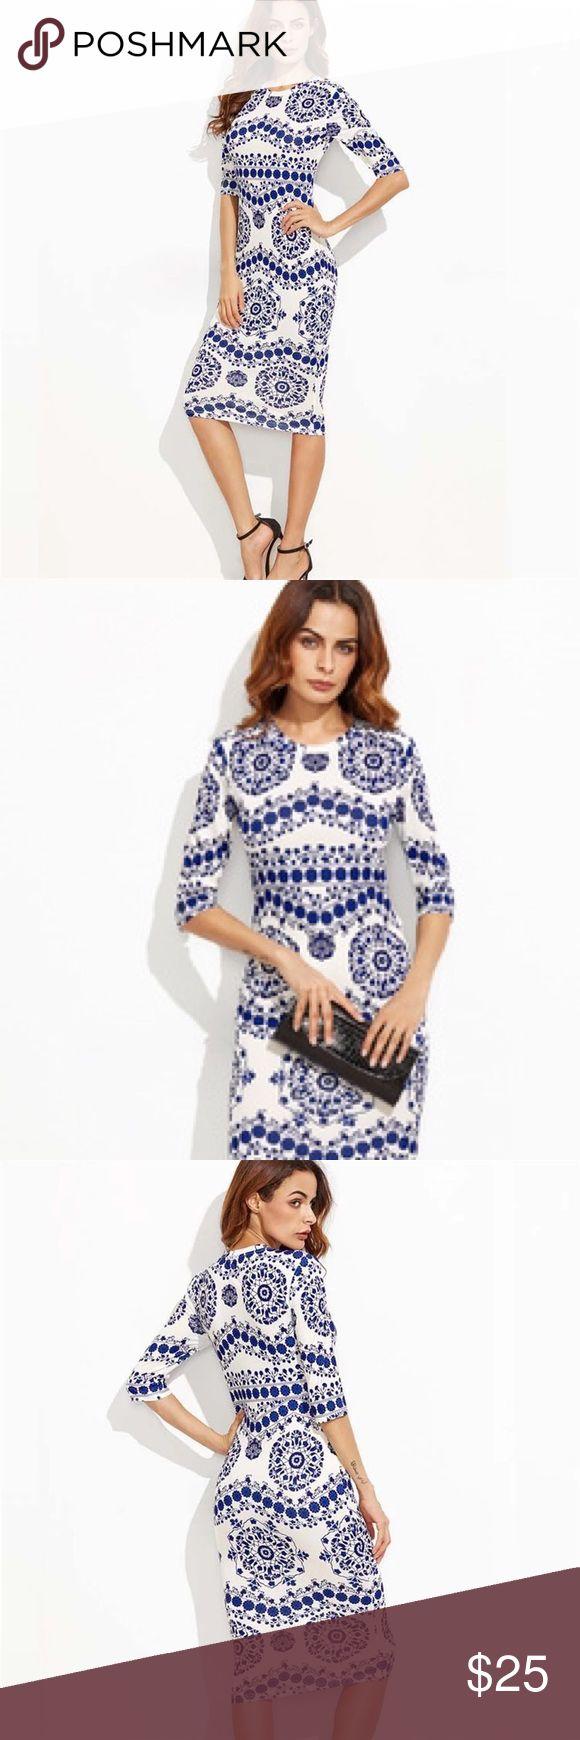 Bohemian Dresses blue and white sleeves dress Pre-Order This Bohemian Dresses blue and white sleeves dress  Dresses LengthKnee-Length StyleBohemian WaistlineEmpire MaterialPolyester,Velvet Sleeve StyleRegular SilhouetteSheath Sleeve Length(cm)Half NecklineO-Neck Pattern TypePrint Available in Med., Lrg., XL. Dresses Midi